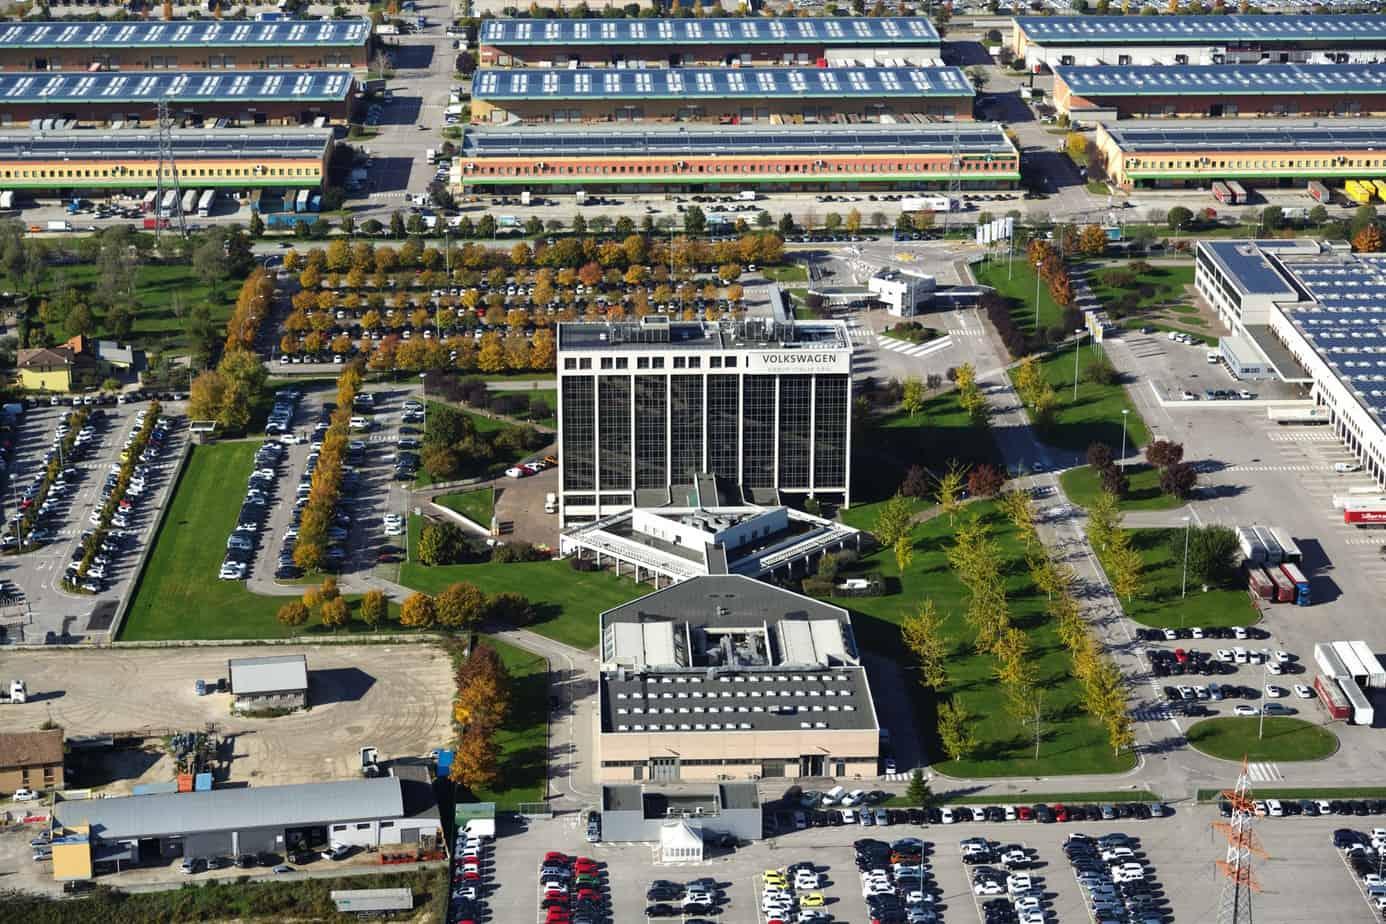 L'edificio per uffici con salone espositivo e un magazzino logistico da 60.000 m2 del Wolkswagen Group